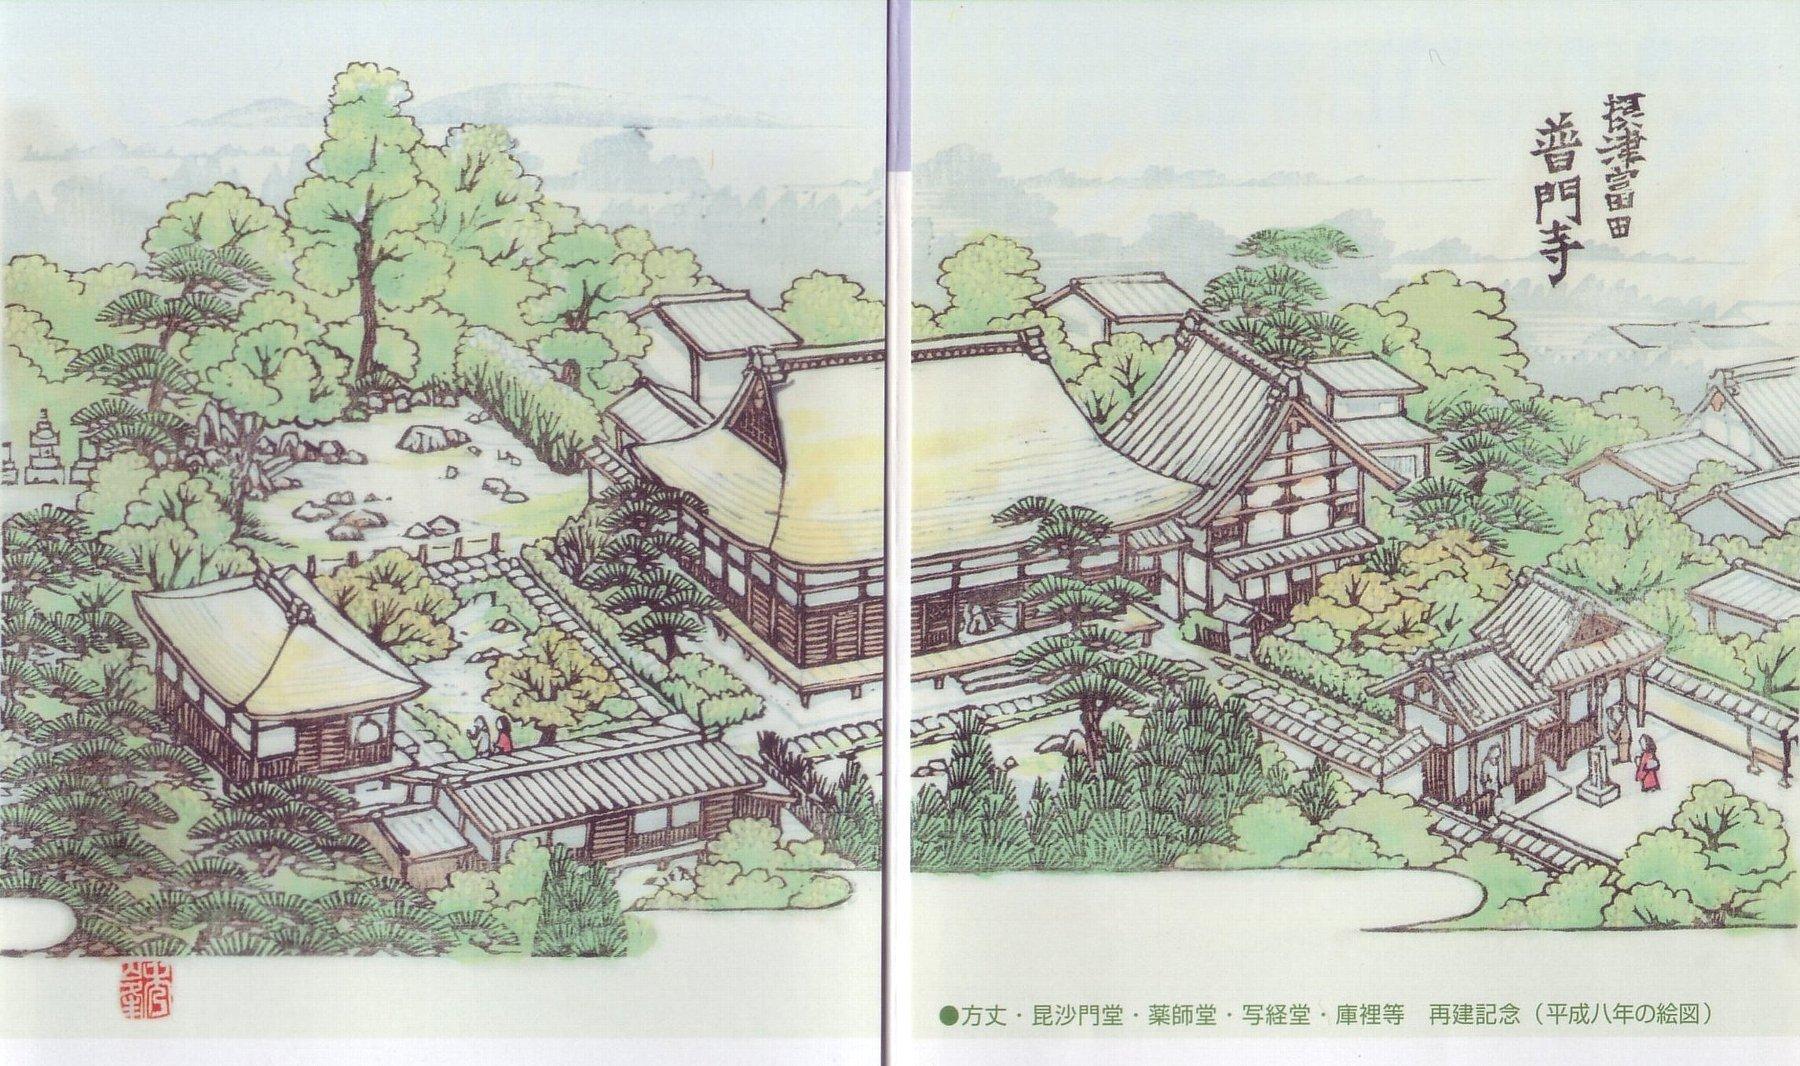 普門寺 方丈西庭「心字の庭」_c0112559_10040590.jpg